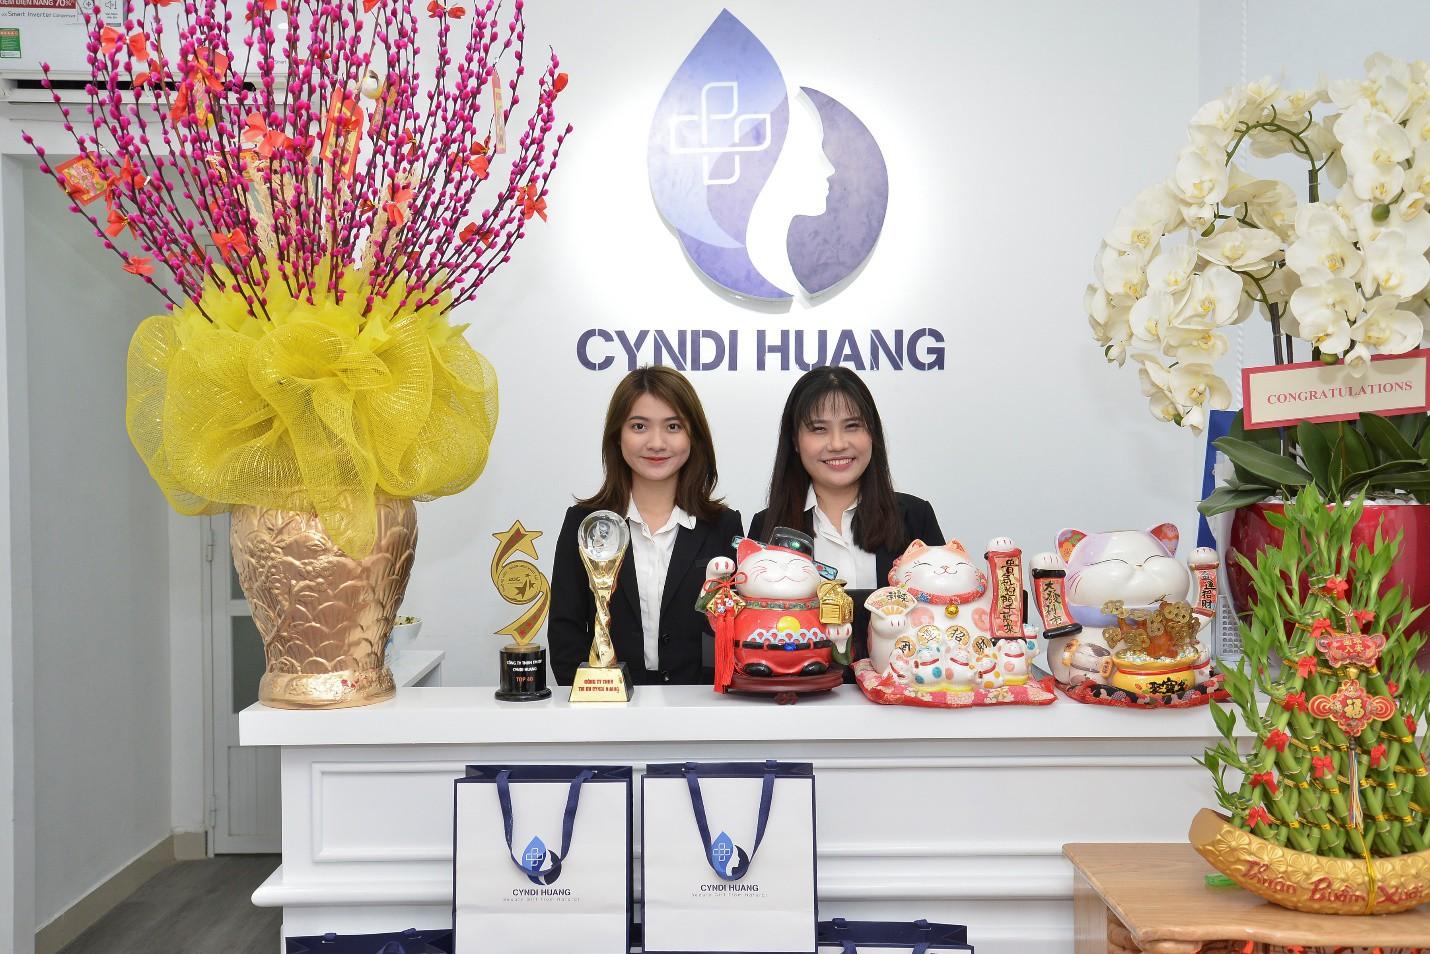 Cyndi Huang Clinic & Spa: Địa chỉ làm đẹp uy tín được giới trẻ trong và ngoài nước ưa chuộng - Ảnh 3.